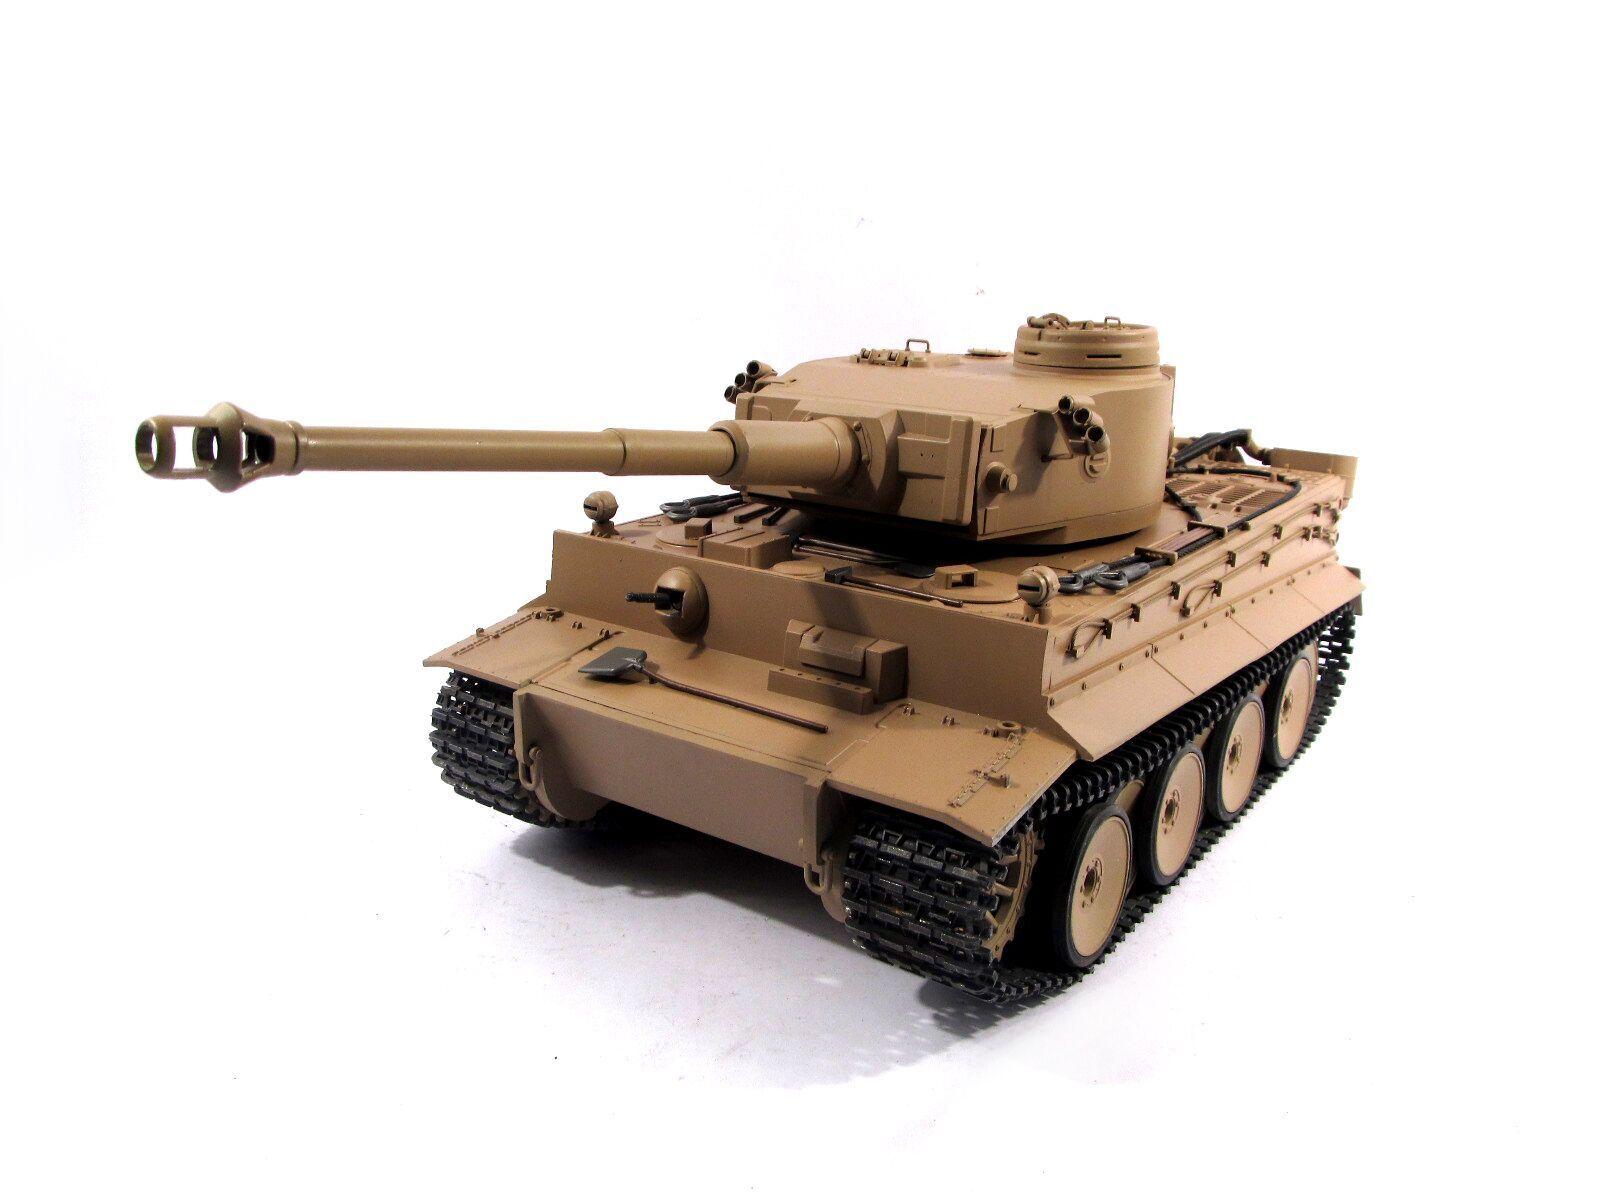 Completa de metal Mato Tiger I Tanque RC versión Kit Infrarrojo Color Amarillo 1220